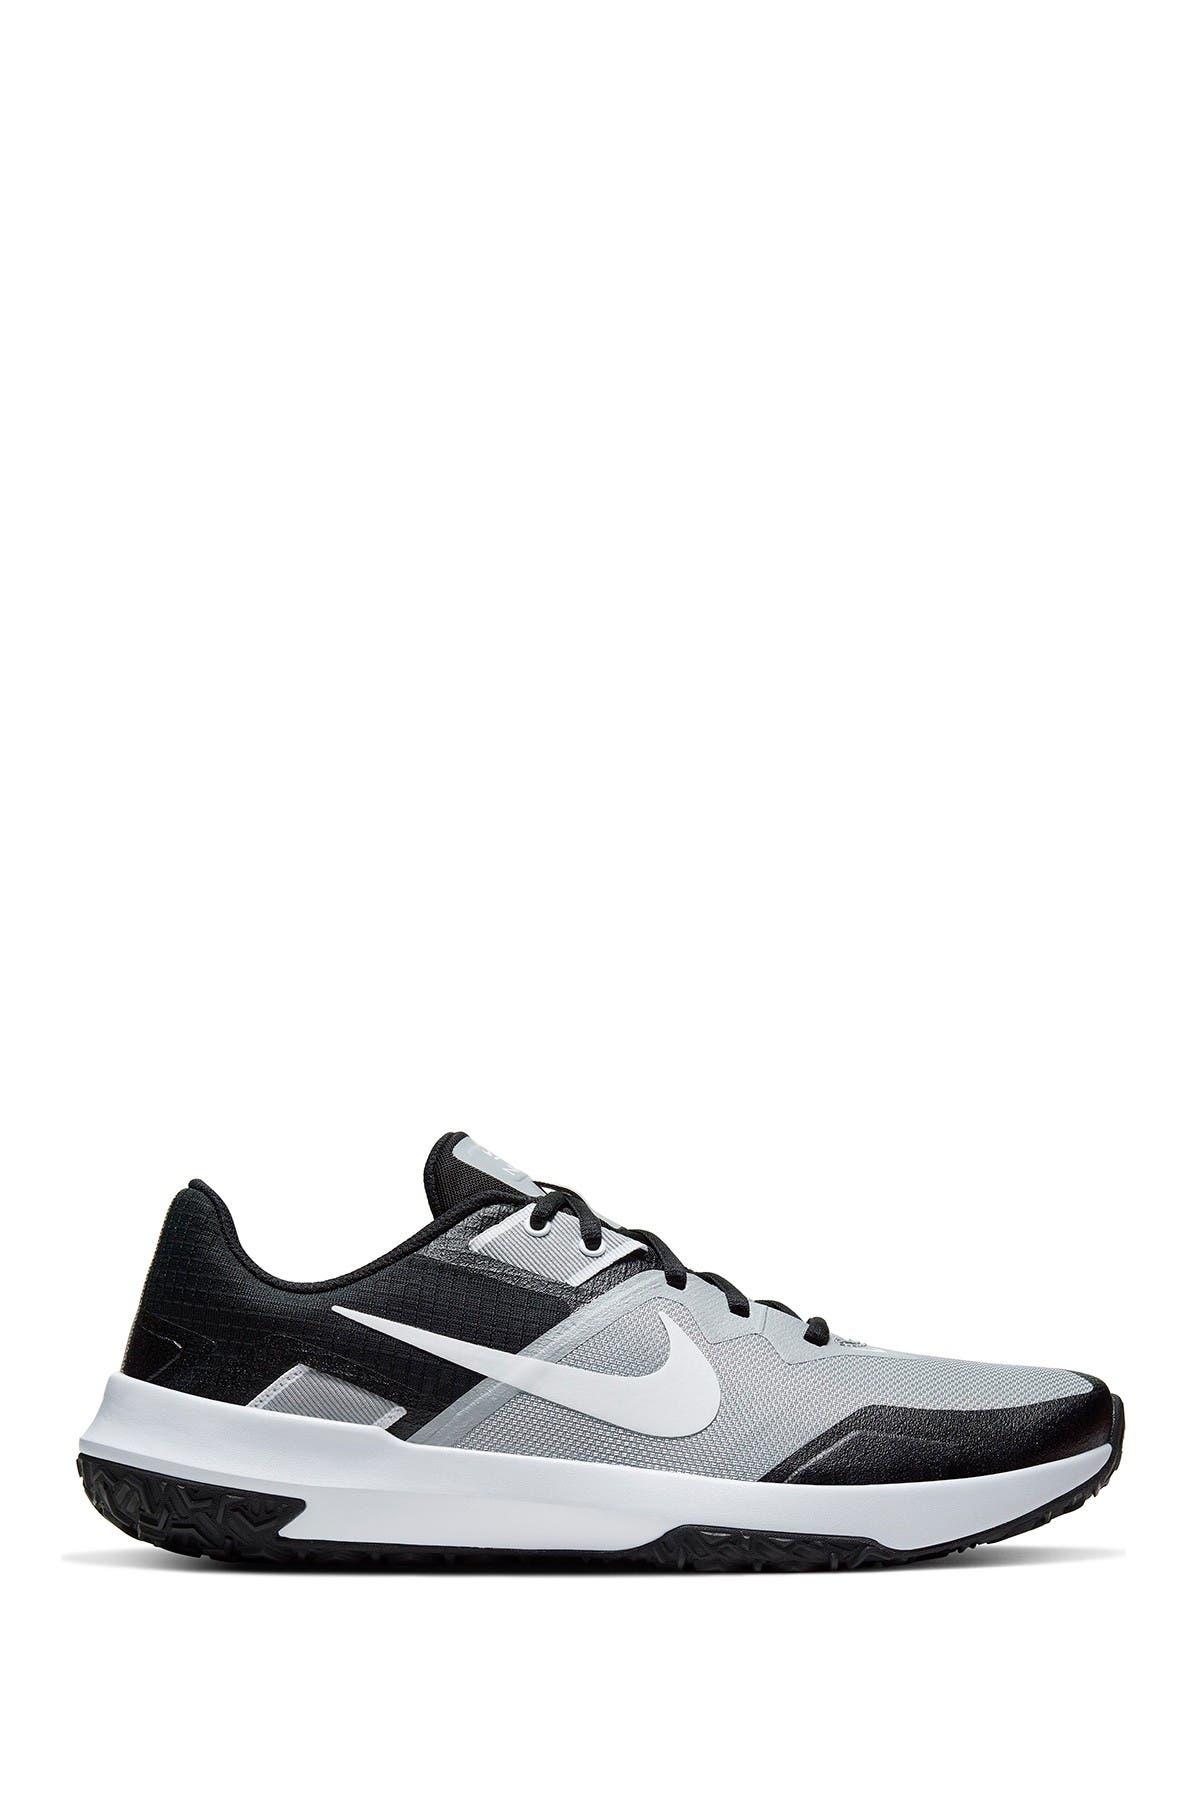 Nike | Varsity Compete Training 3